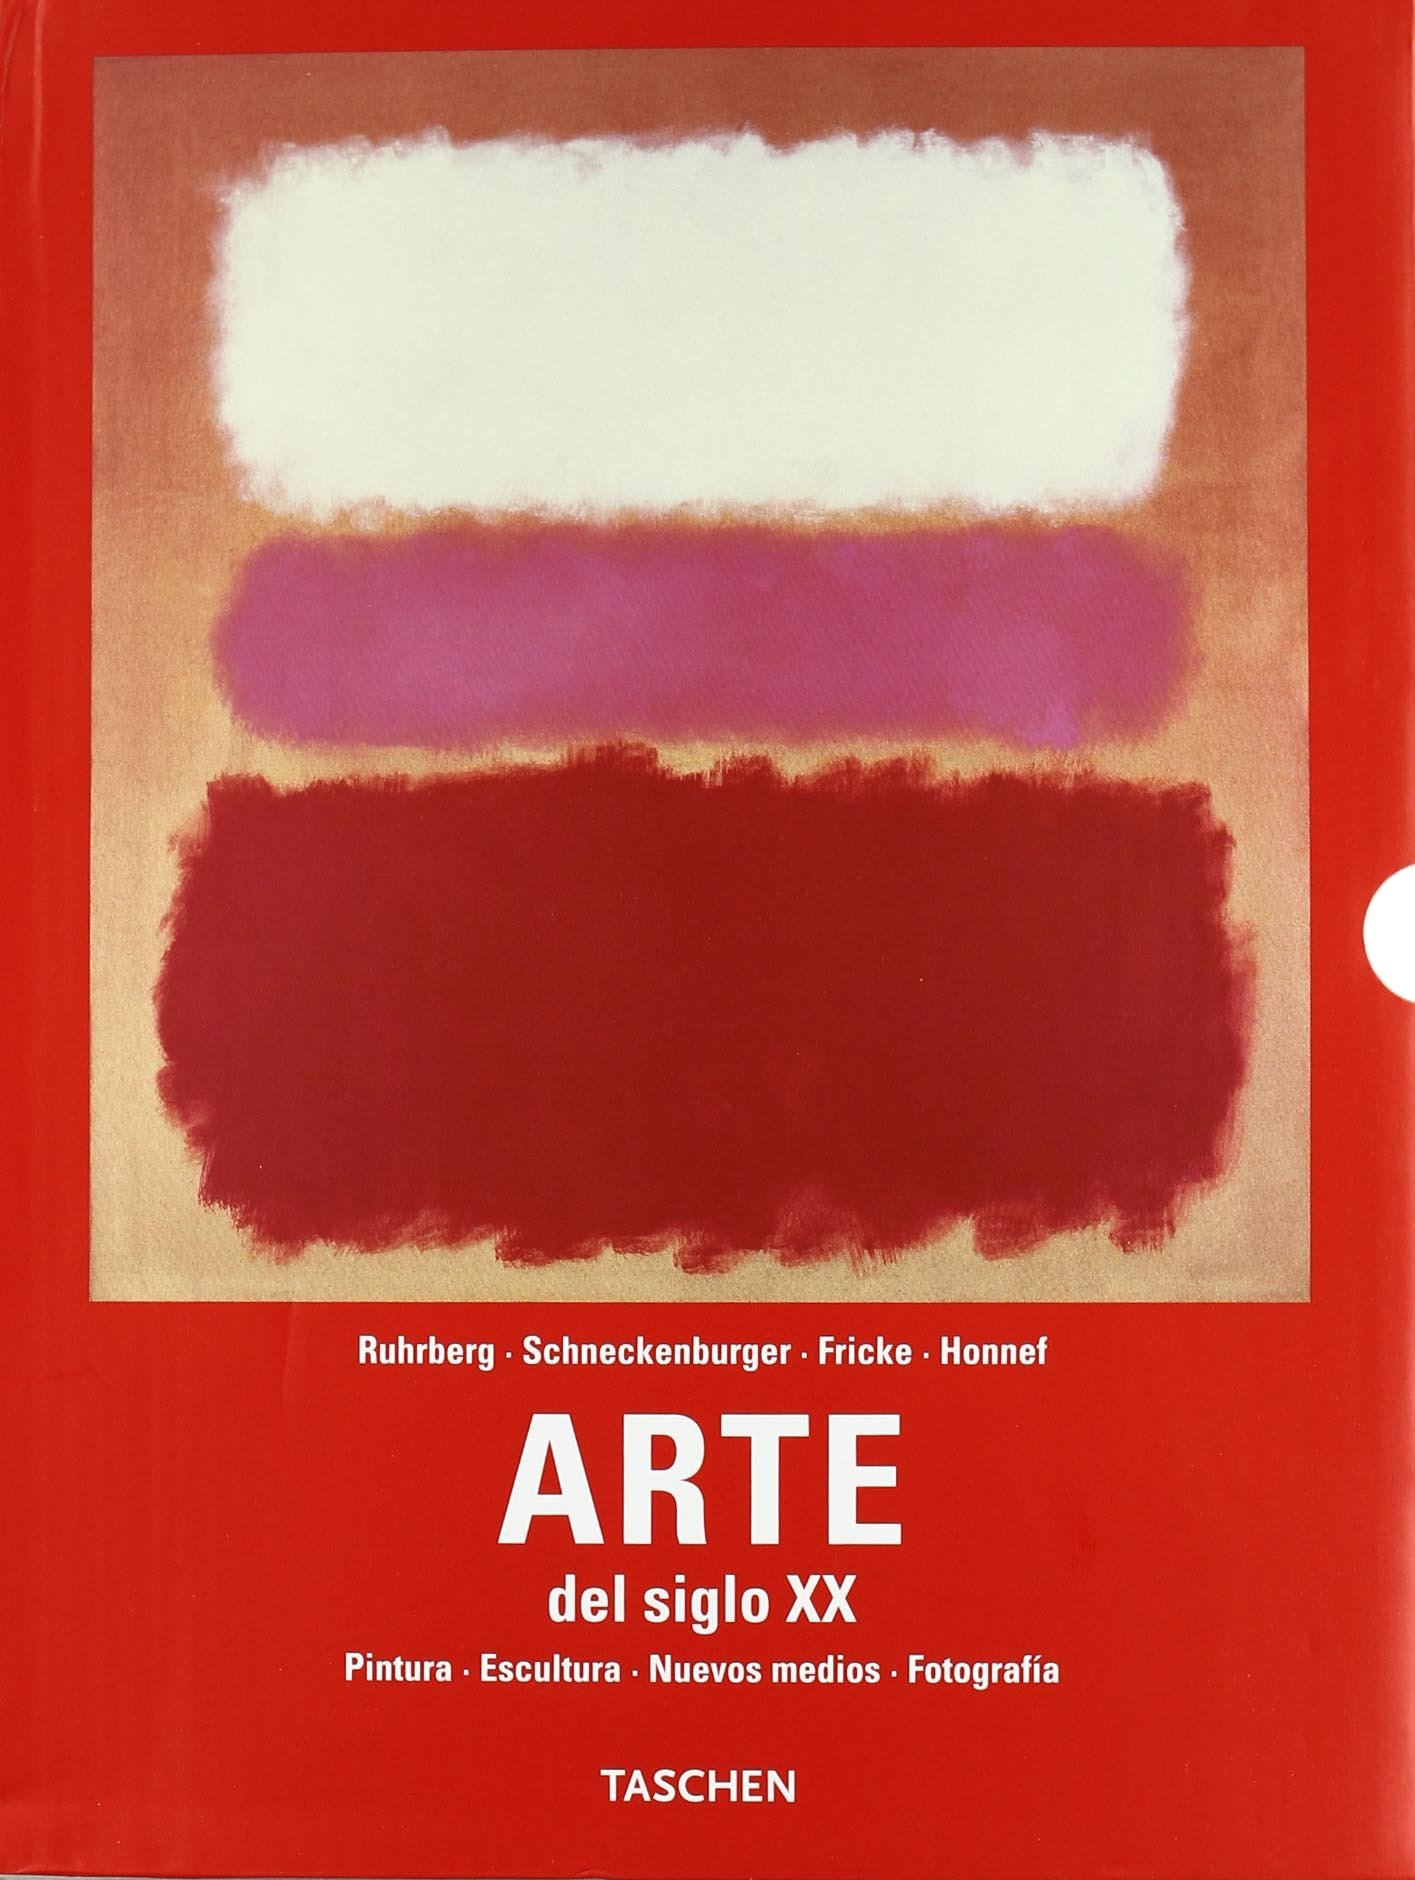 Arte del siglo XX. 2 vols. (Midi) Tapa blanda – Edición especial, 21 mar 2005 FRICKE RUHBERG Ingo F. Walther Taschen 3822840874